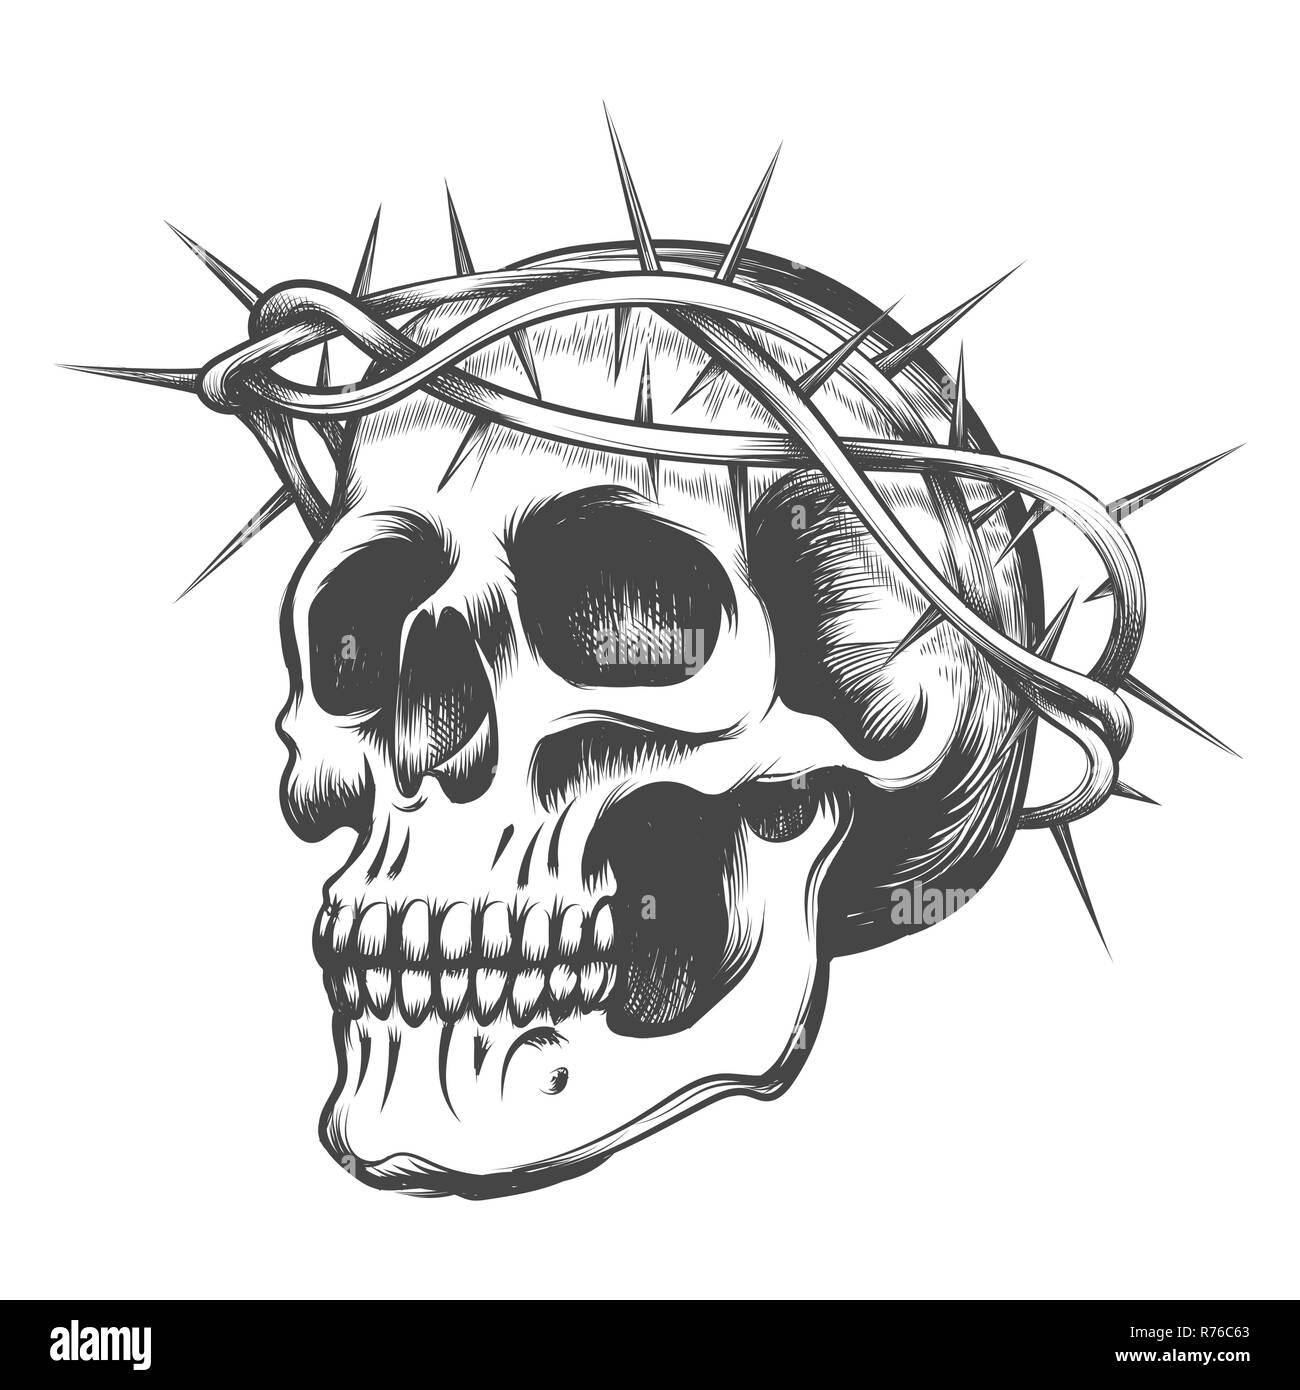 Cráneo Humano En Corona De Espinas Dibujado En Estilo De Tatuaje